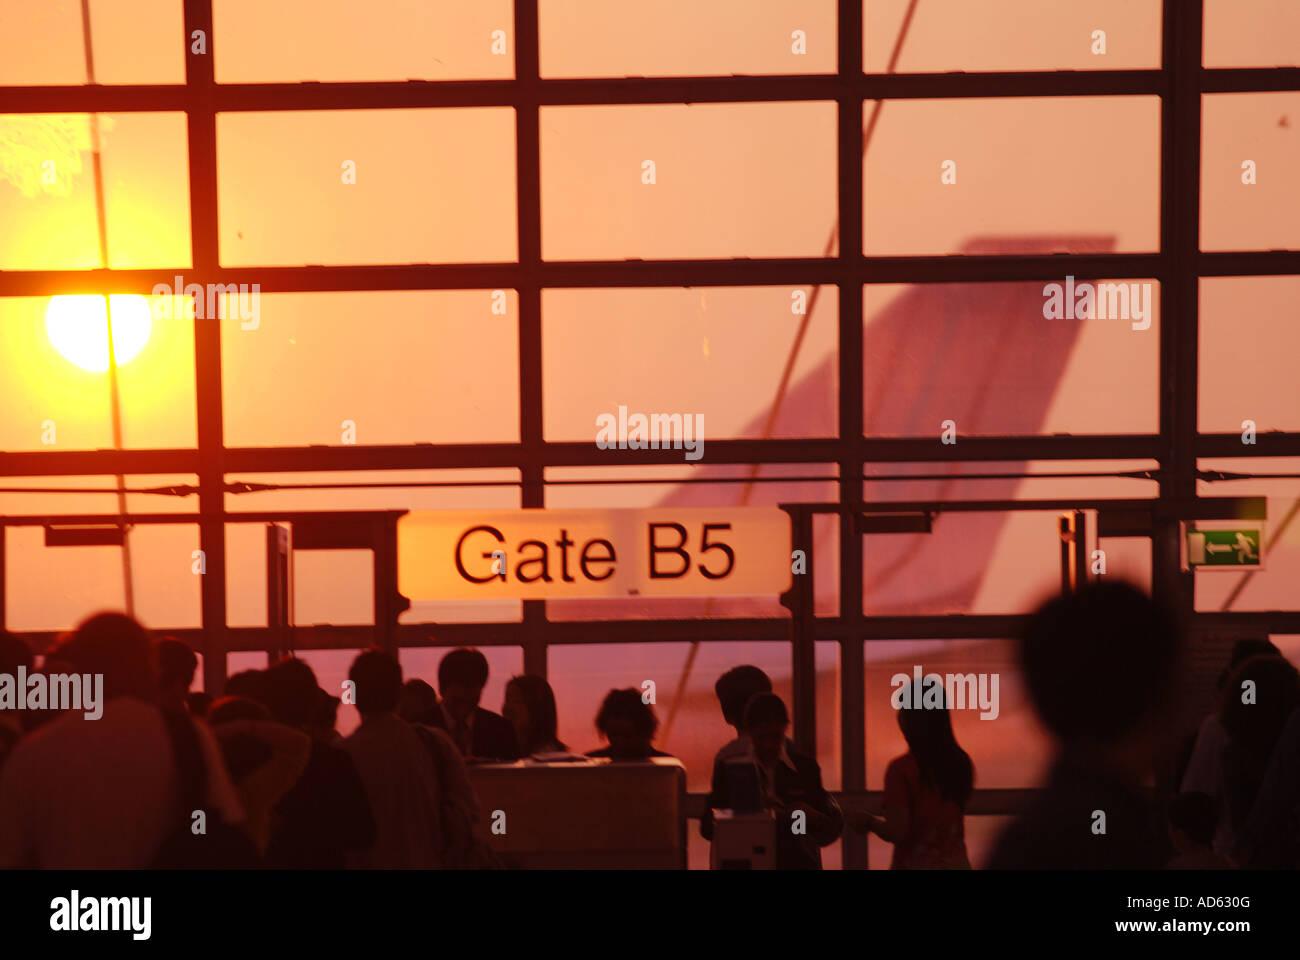 Bangkok airport gate departure travel embark romantic vacation - Stock Image